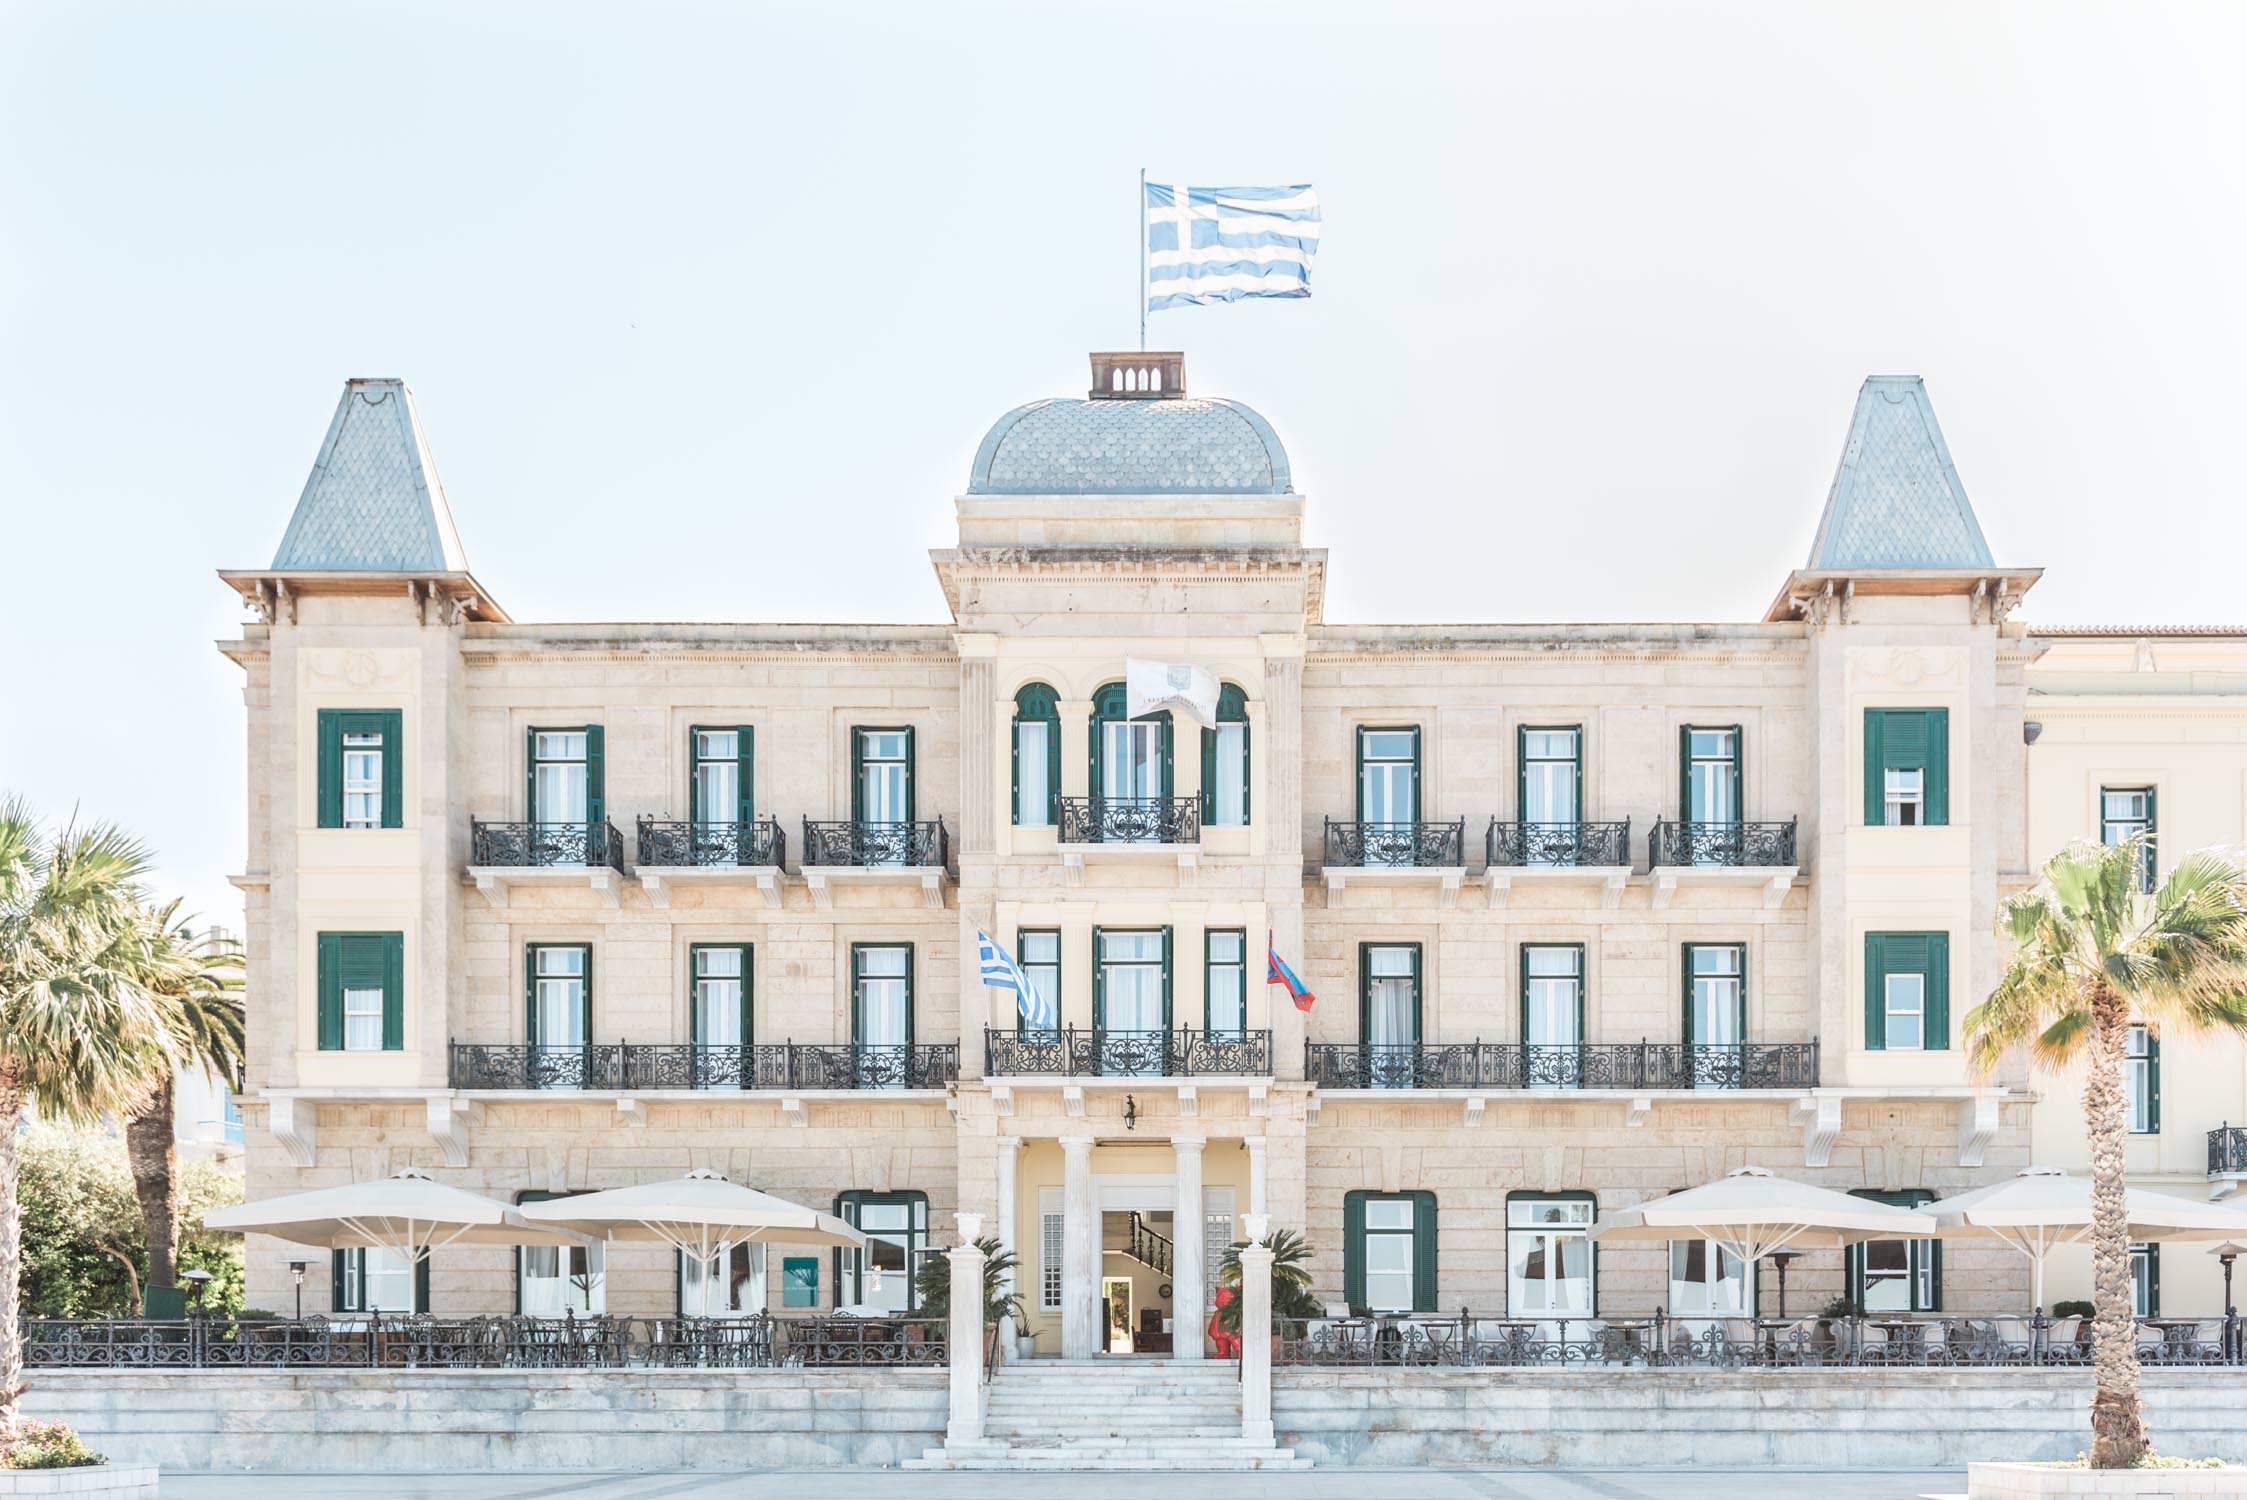 Poseidonion hotel op het Griekse eiland Spetses